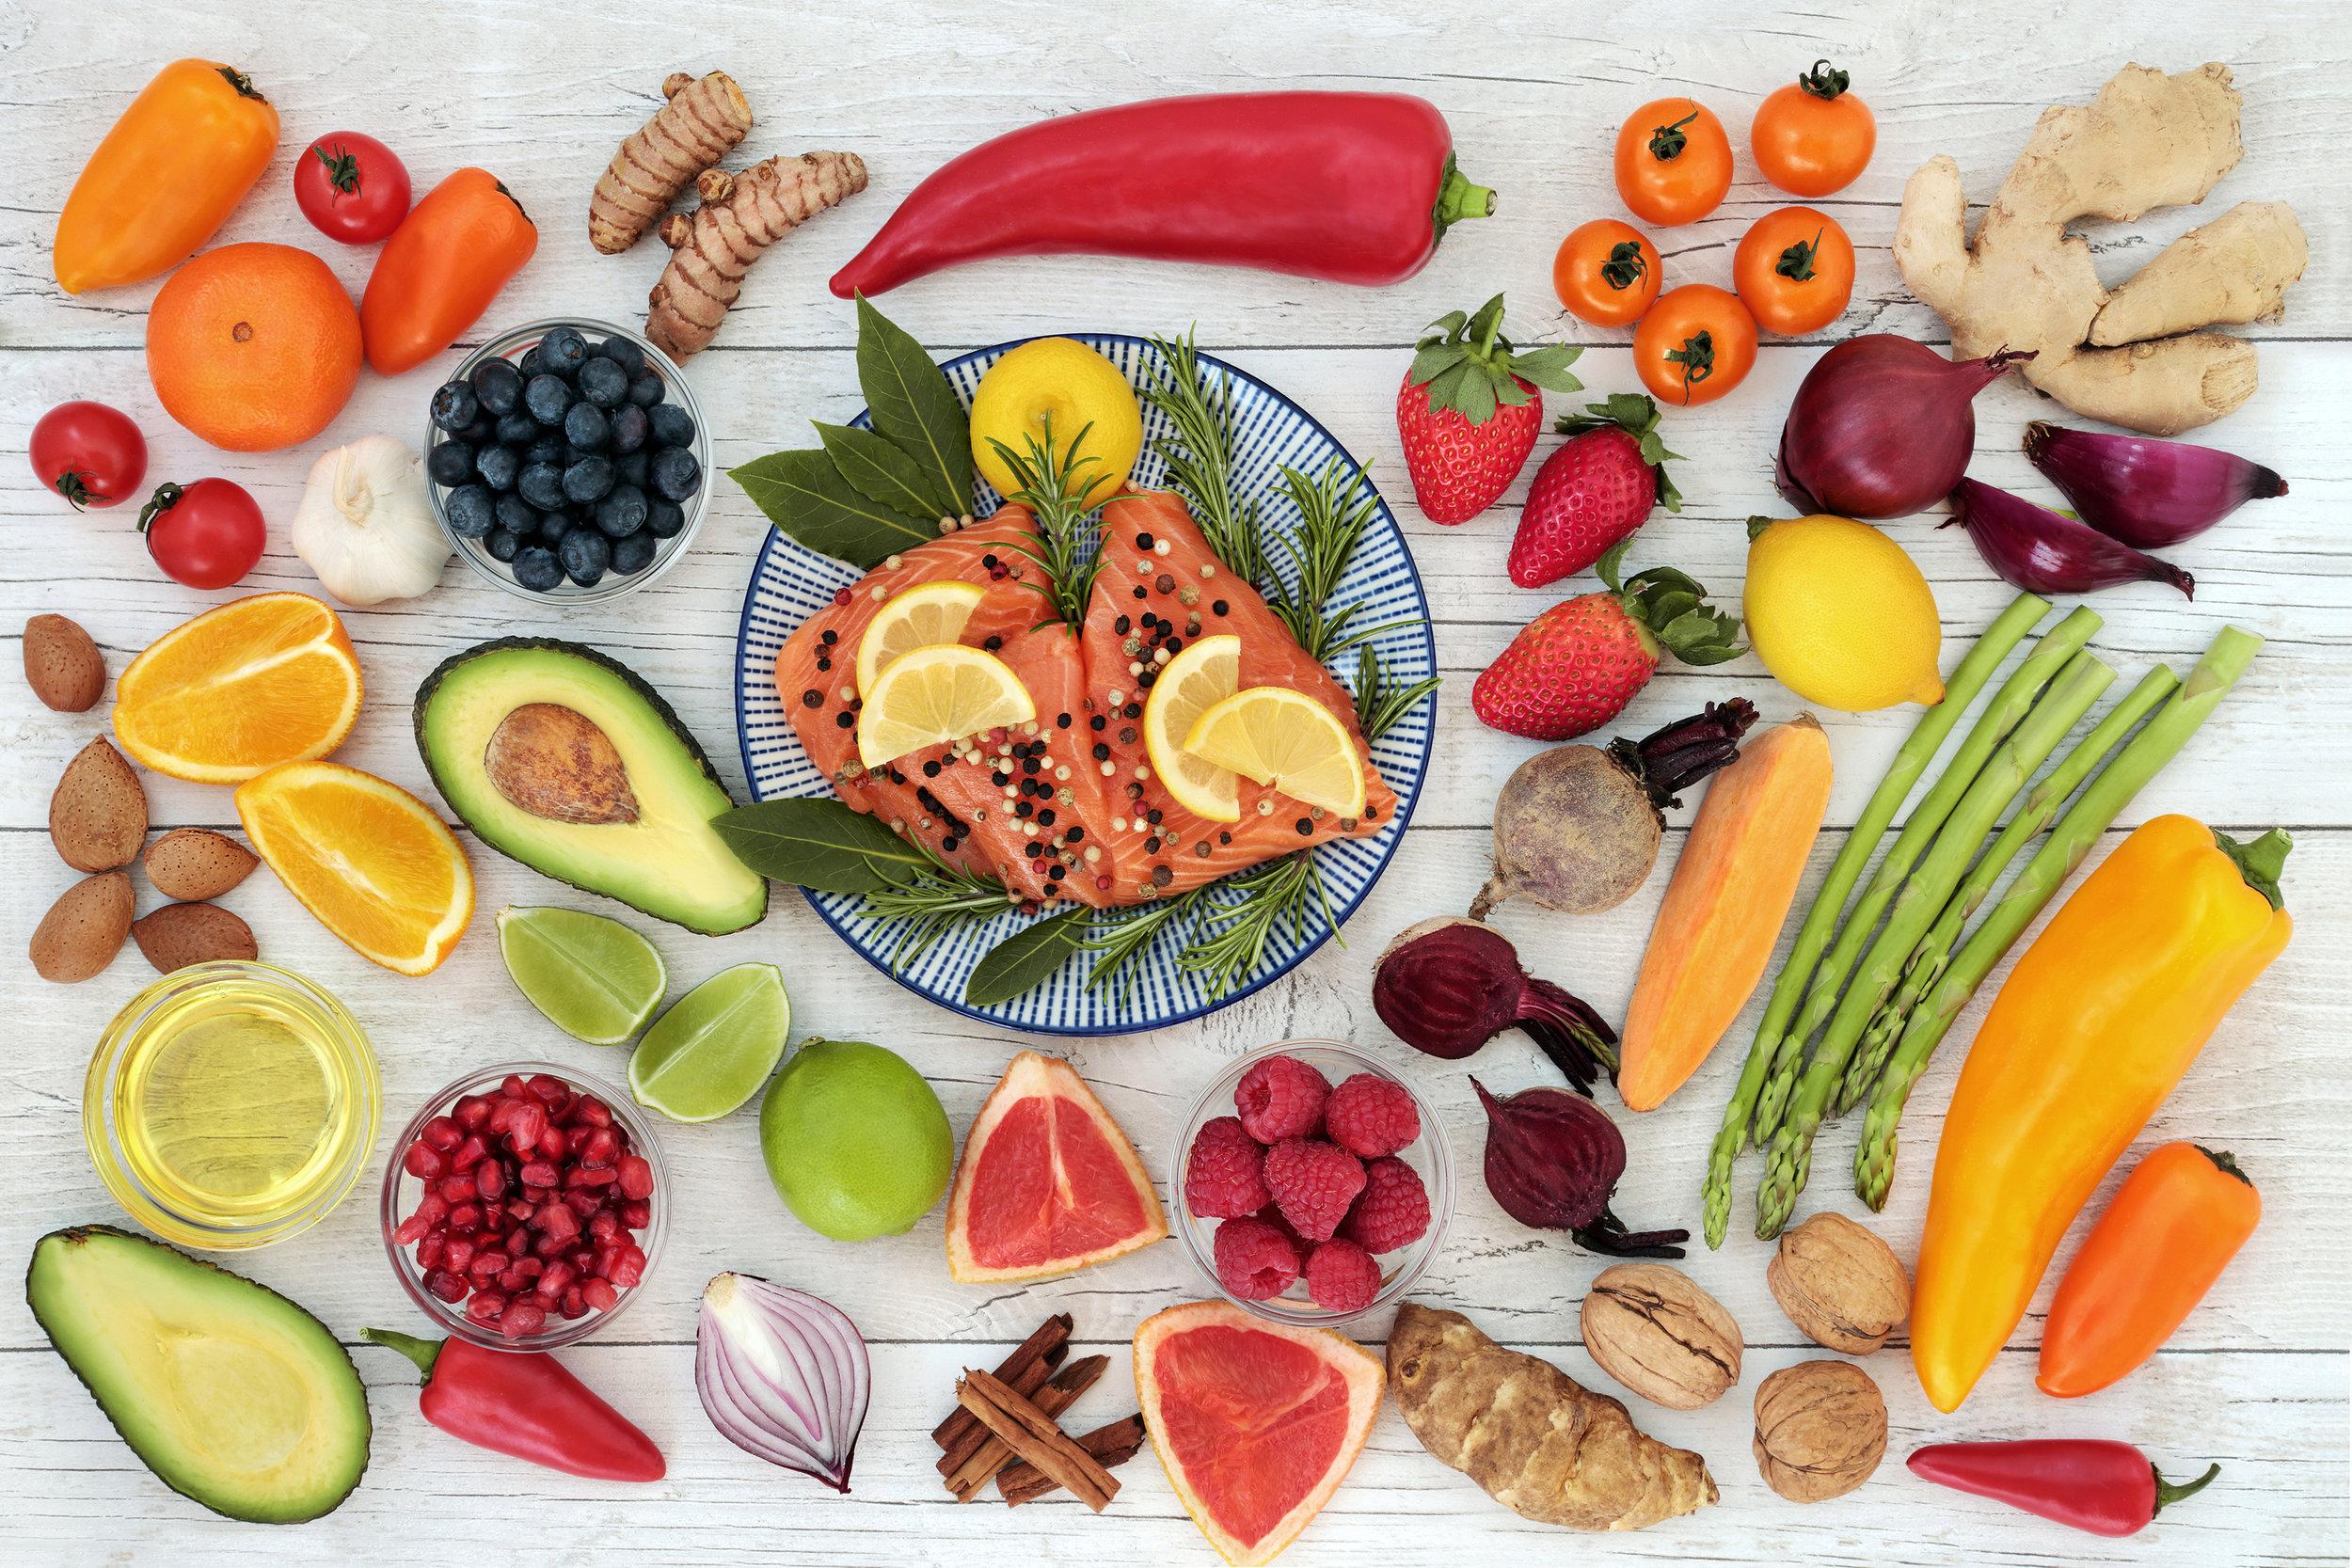 bigstock-Healthy-diet-food-to-promote-h-221975617.jpg